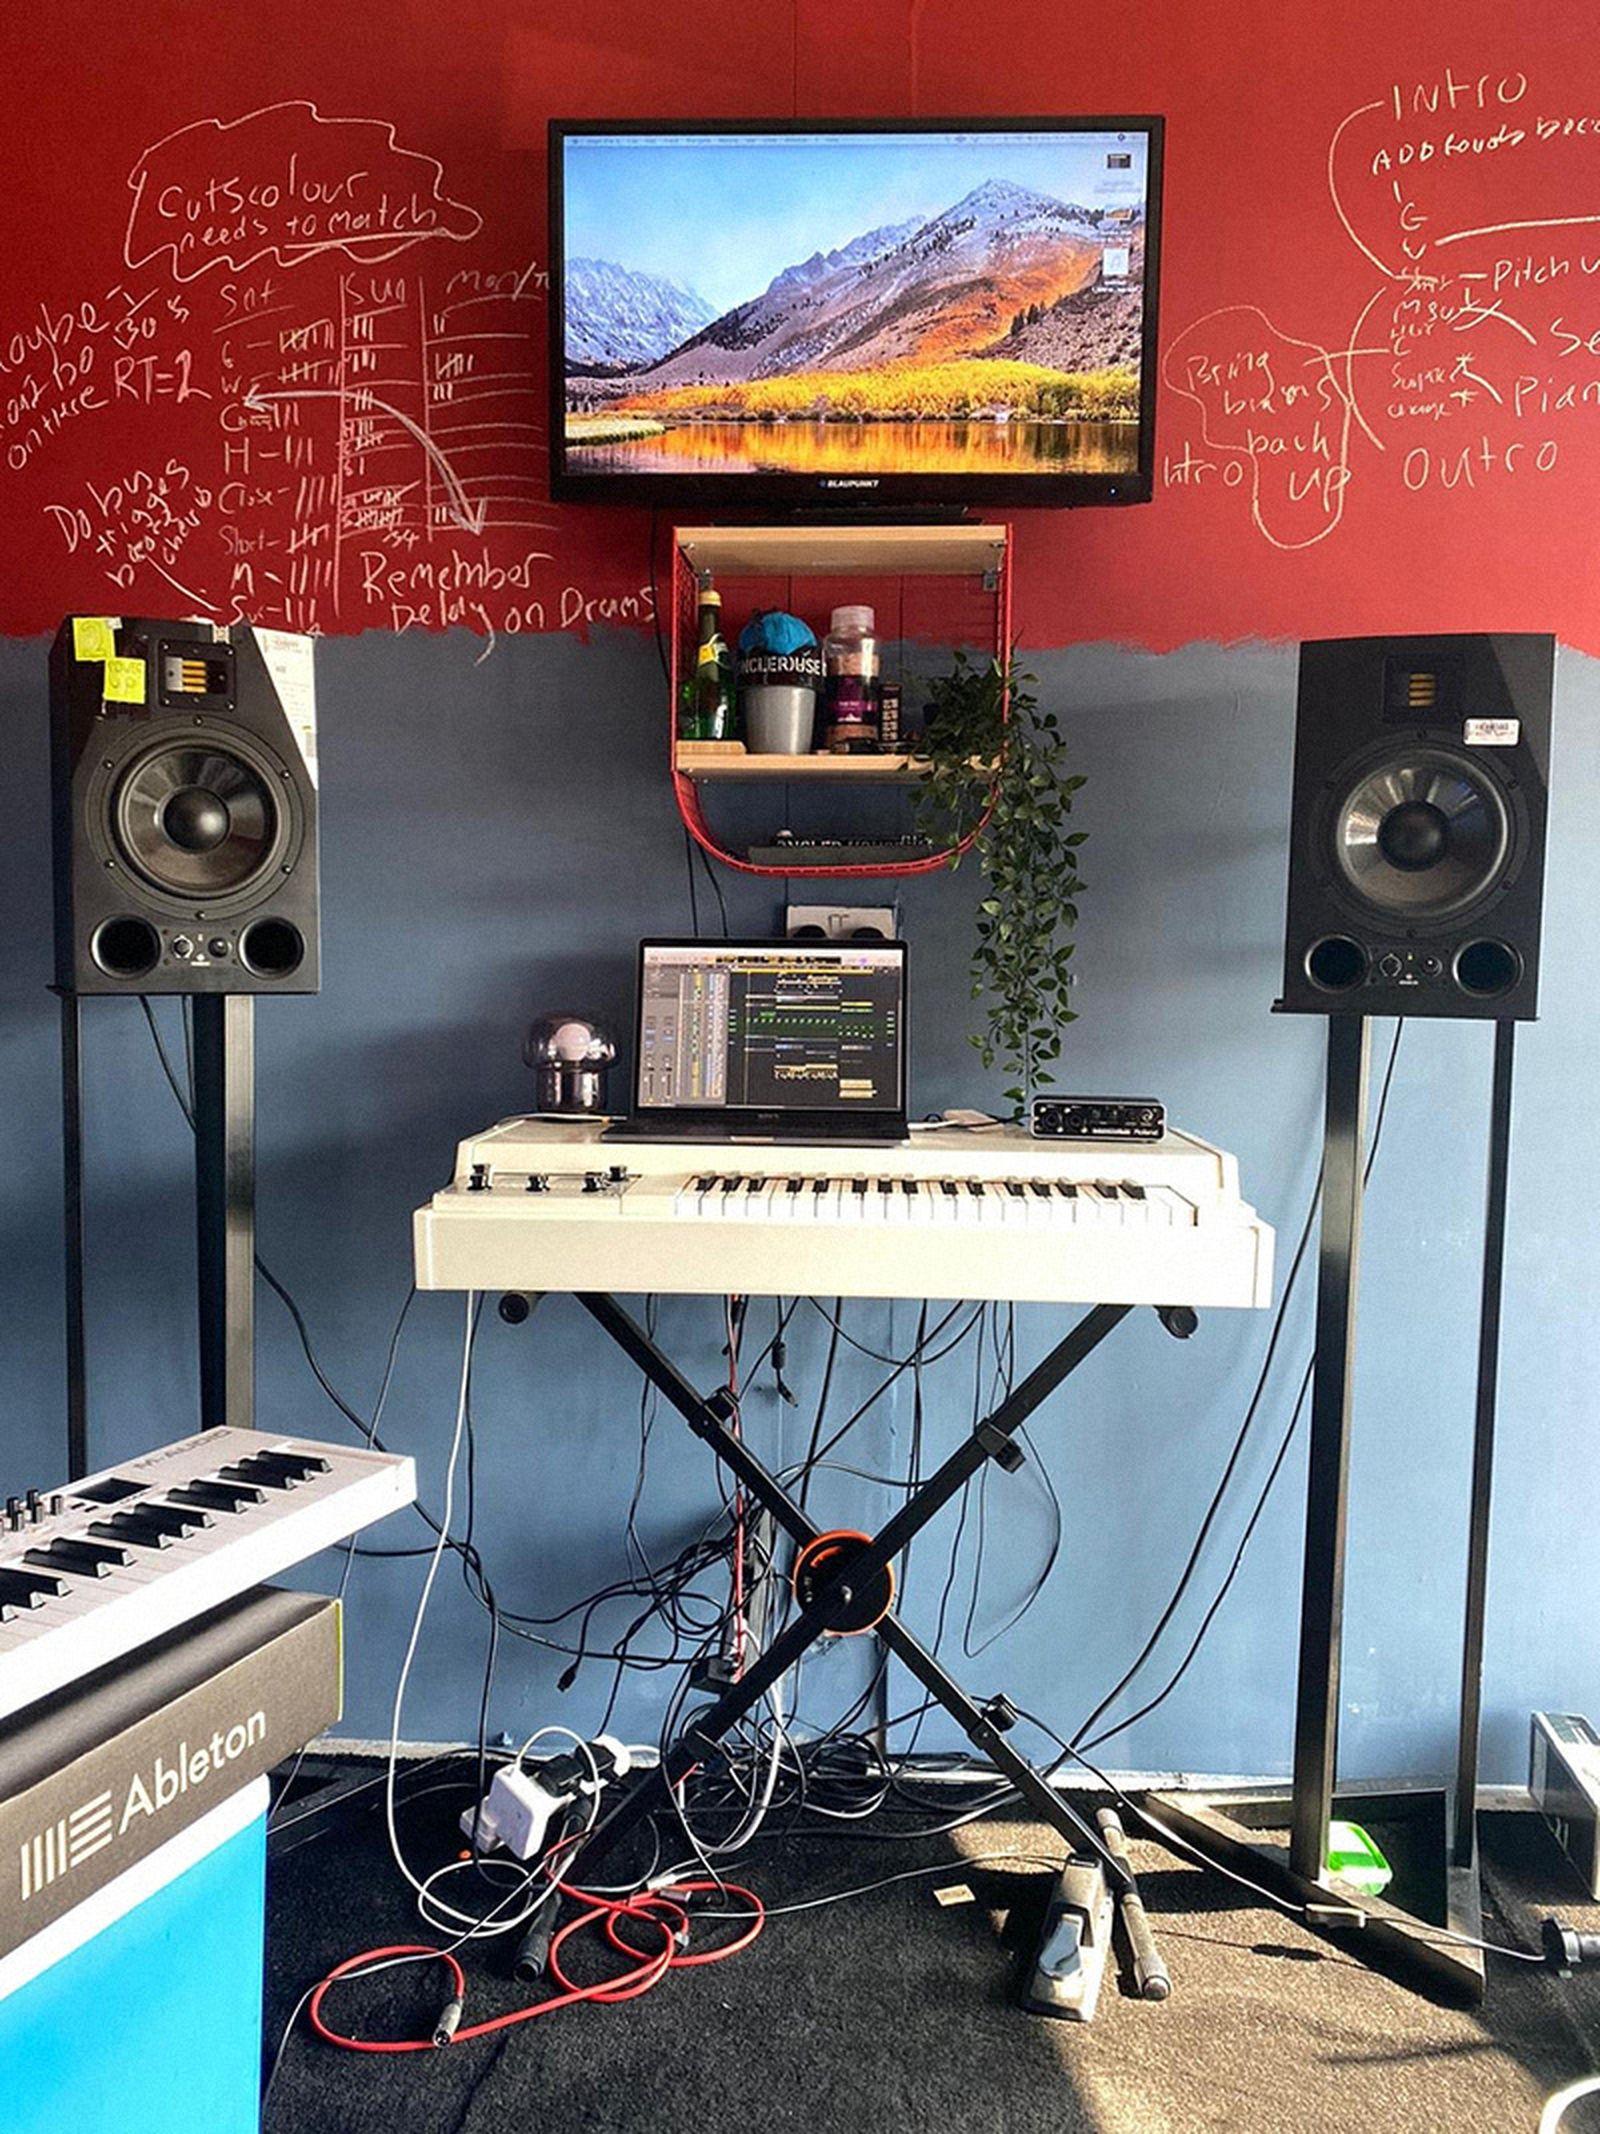 j-rick-interview-highsnobiety-soundsystem-05